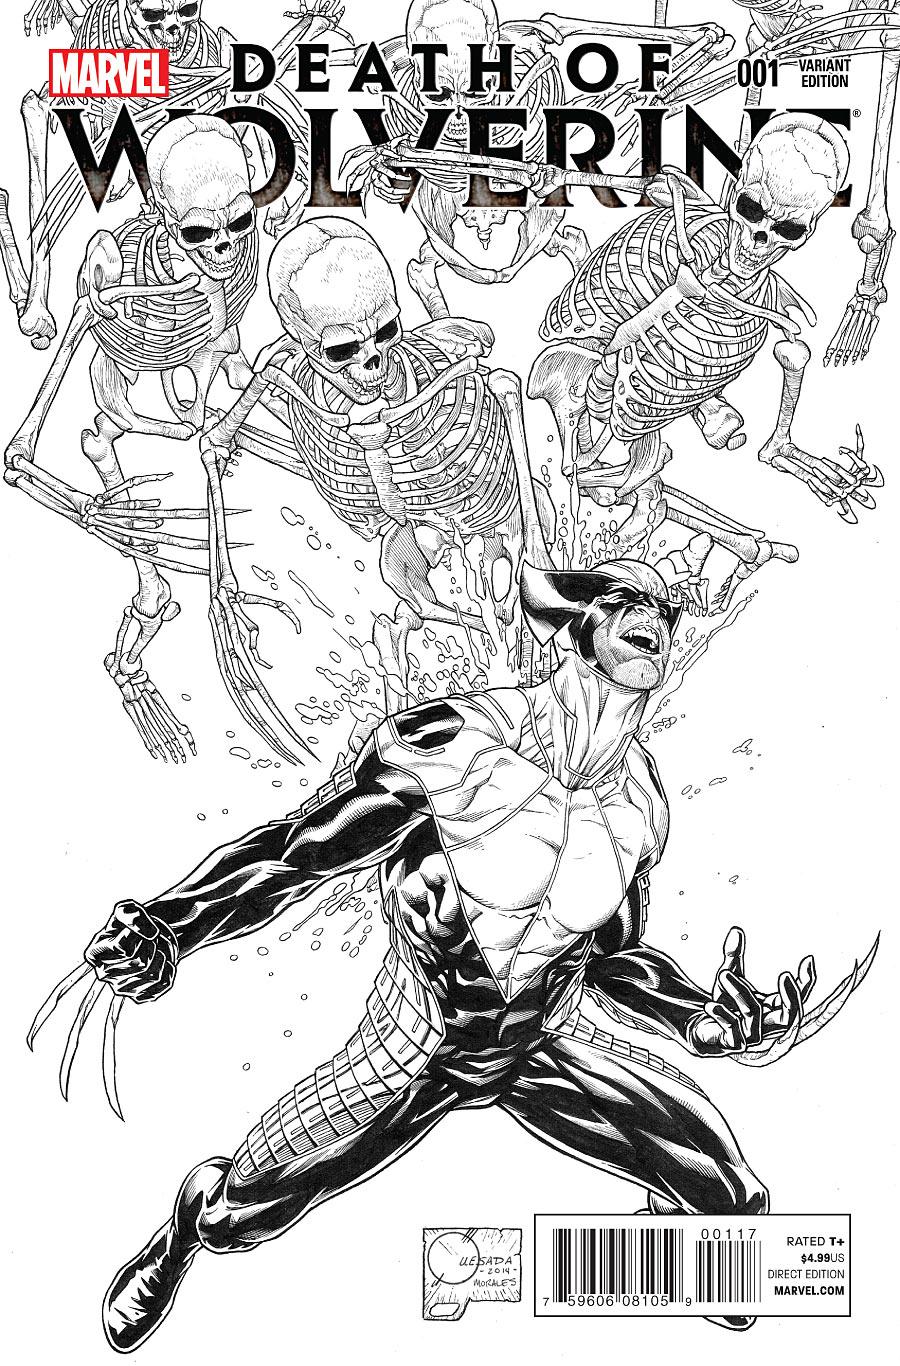 La Mort de Wolverine 1 - Death of Wolverine Part One (Joe Quesada Sketch Variant Cover)